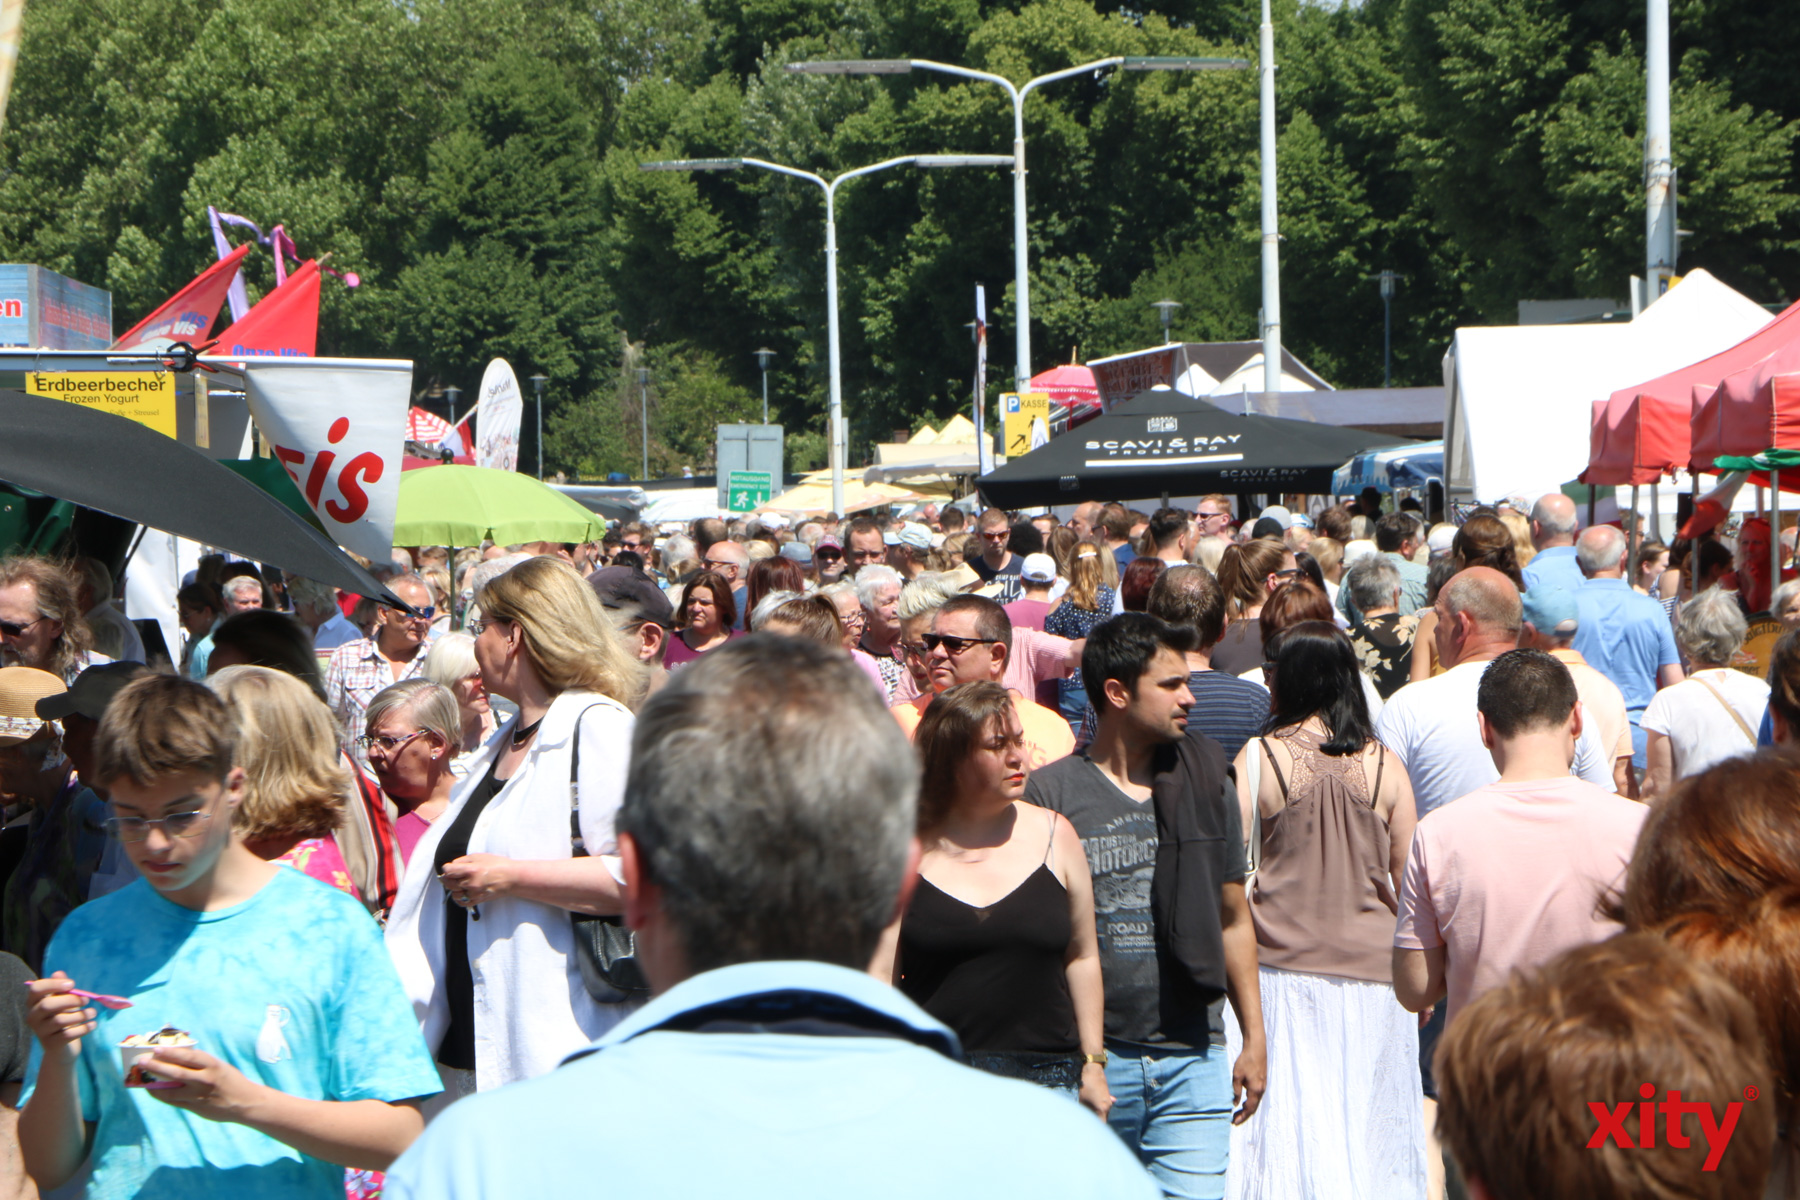 Tausenden Besucher kamen zum Fischmarkt an den Rhein (Foto: xity)